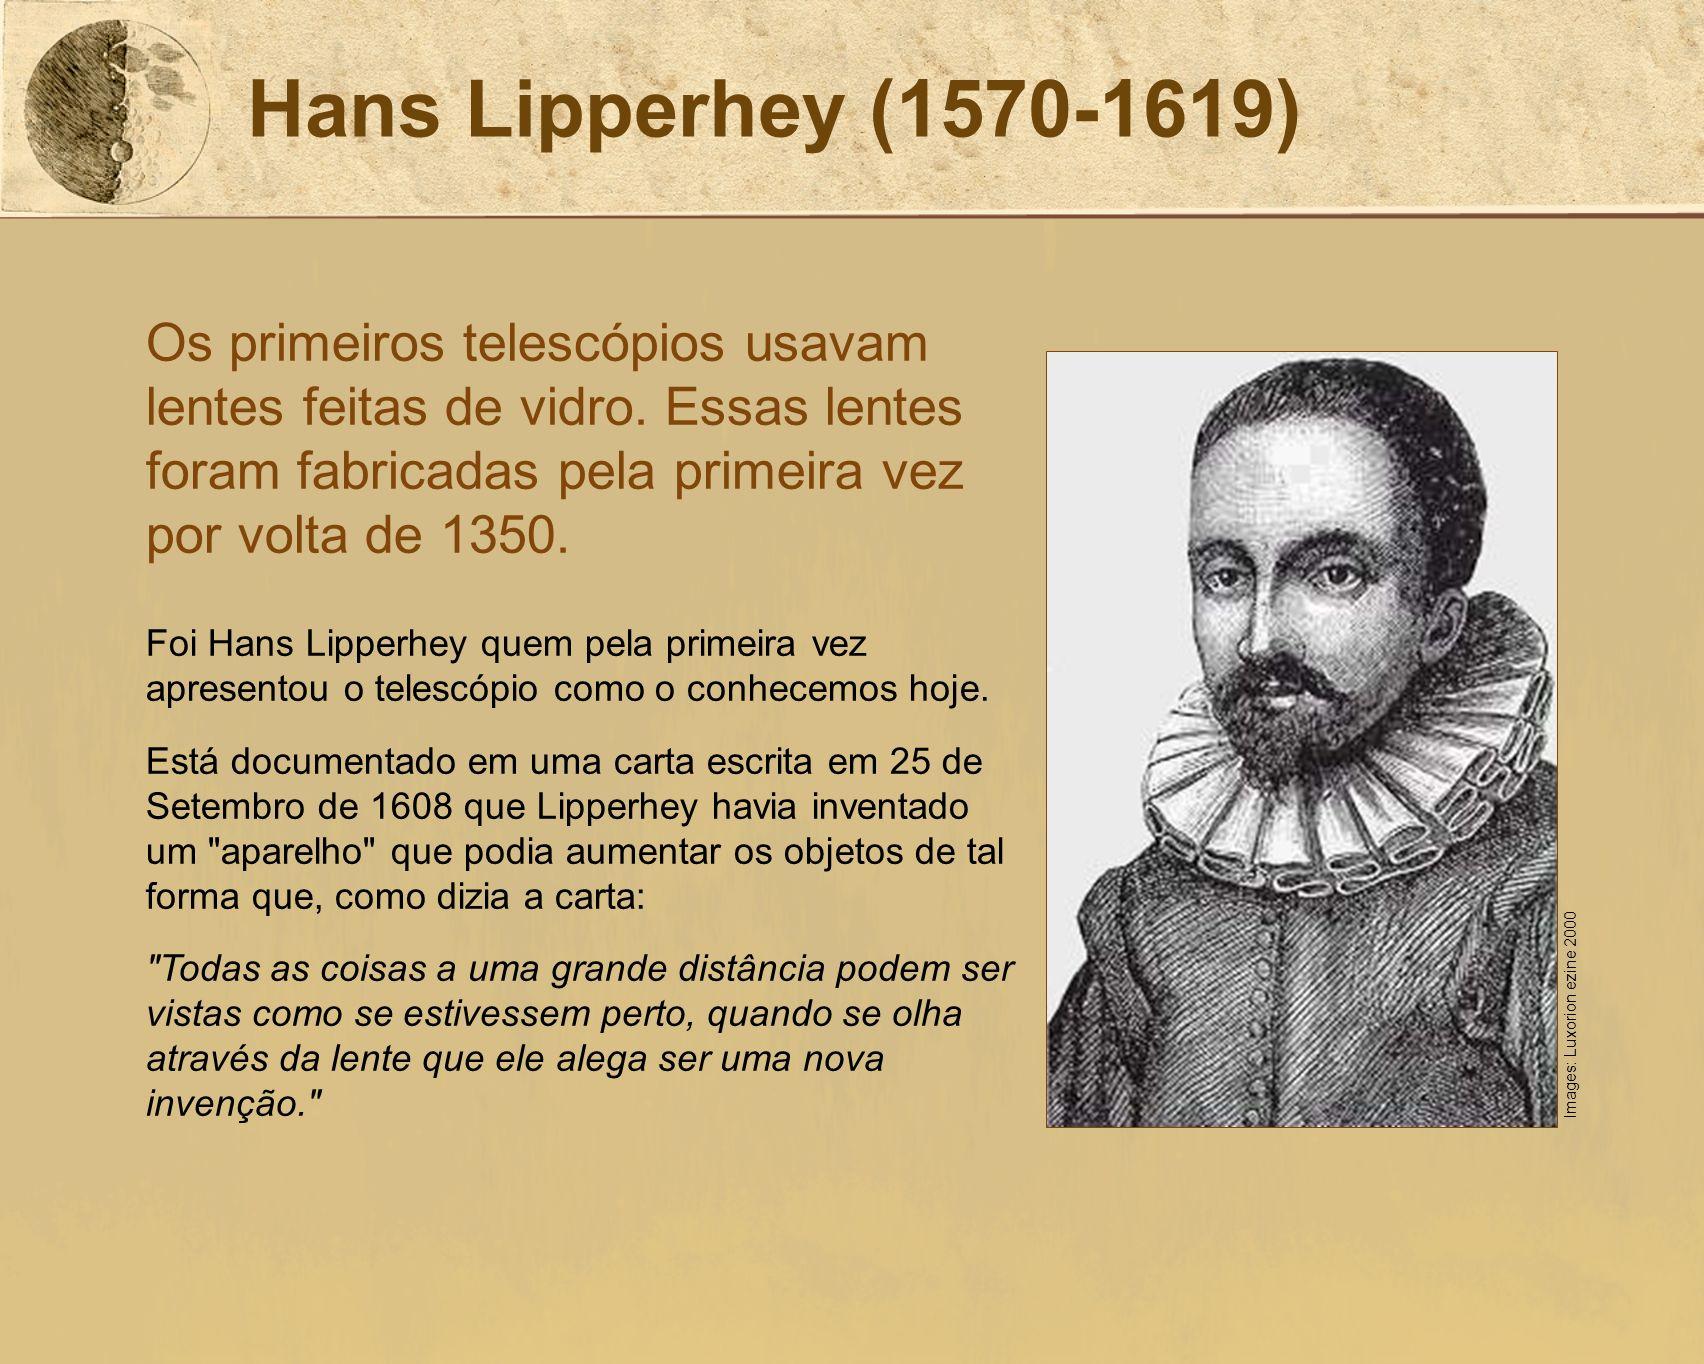 Hans Lipperhey (1570-1619) Os primeiros telescópios usavam lentes feitas de vidro. Essas lentes foram fabricadas pela primeira vez por volta de 1350.